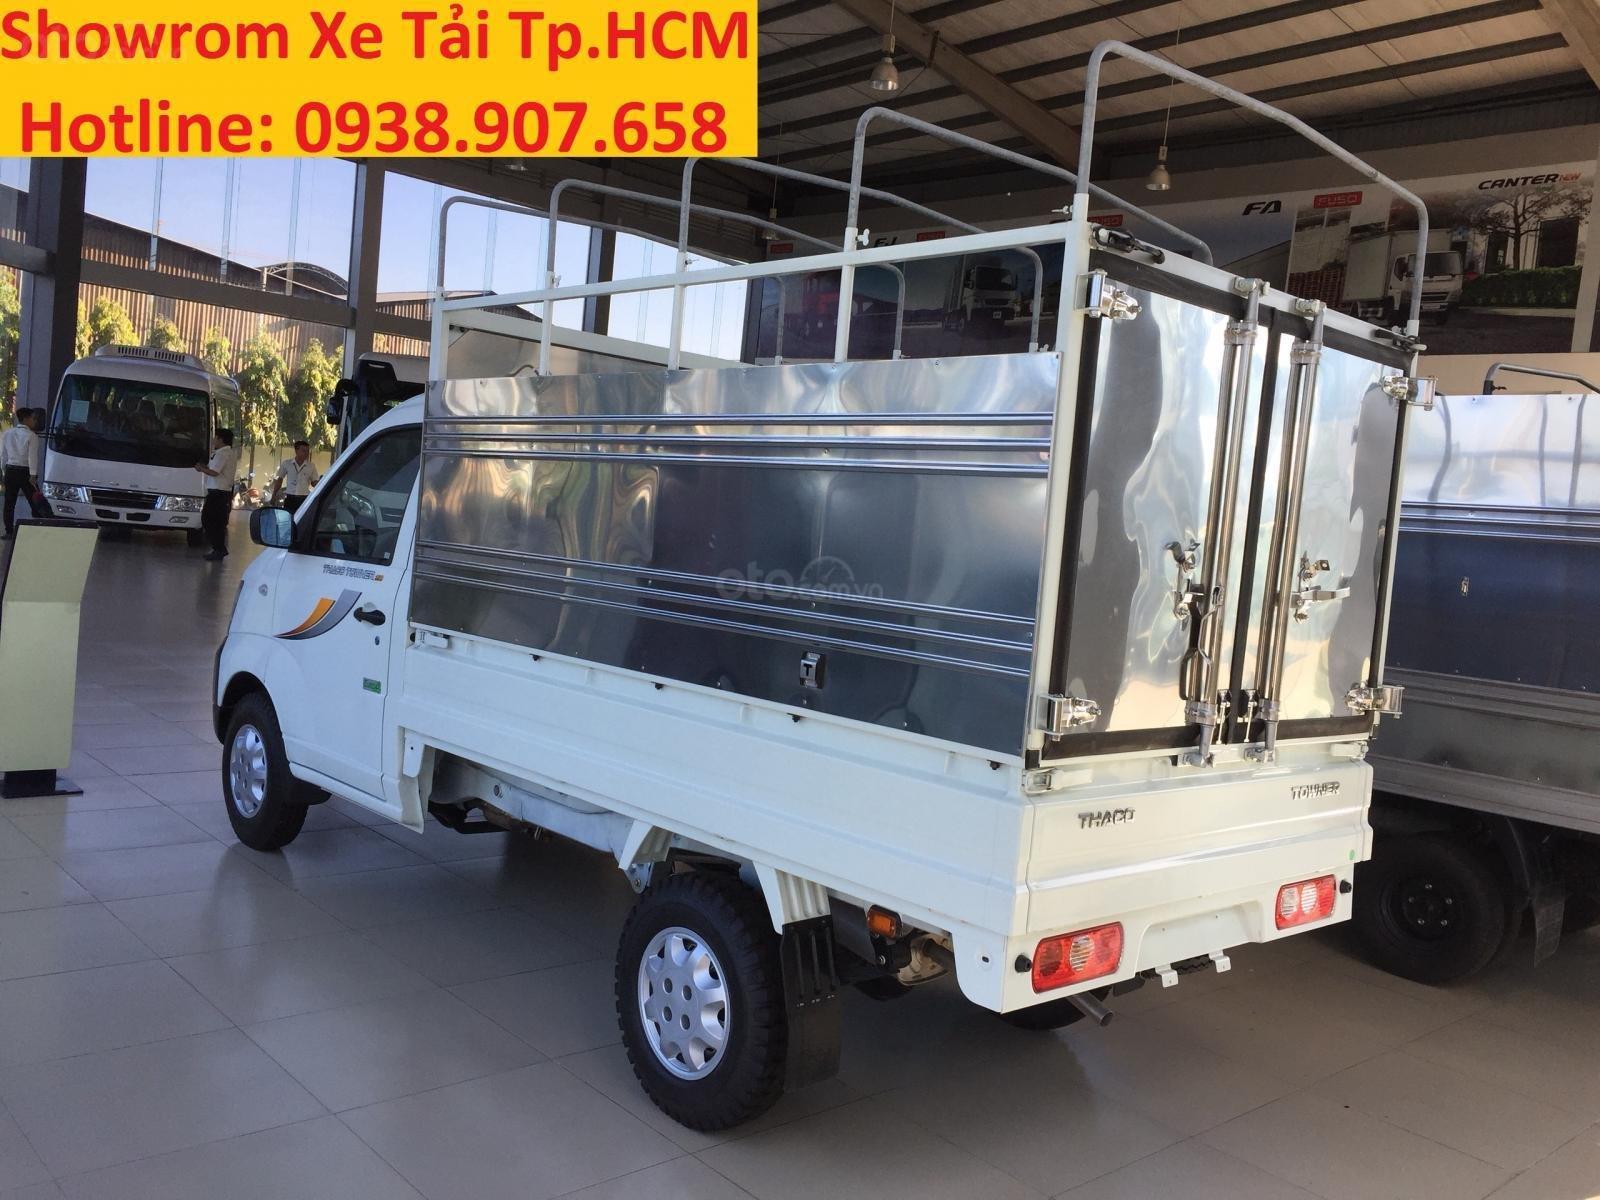 Bán xe tải Thaco Towner 990, tải trọng 990 kg, New 2019, khuyến mãi 100% trước bạ-2